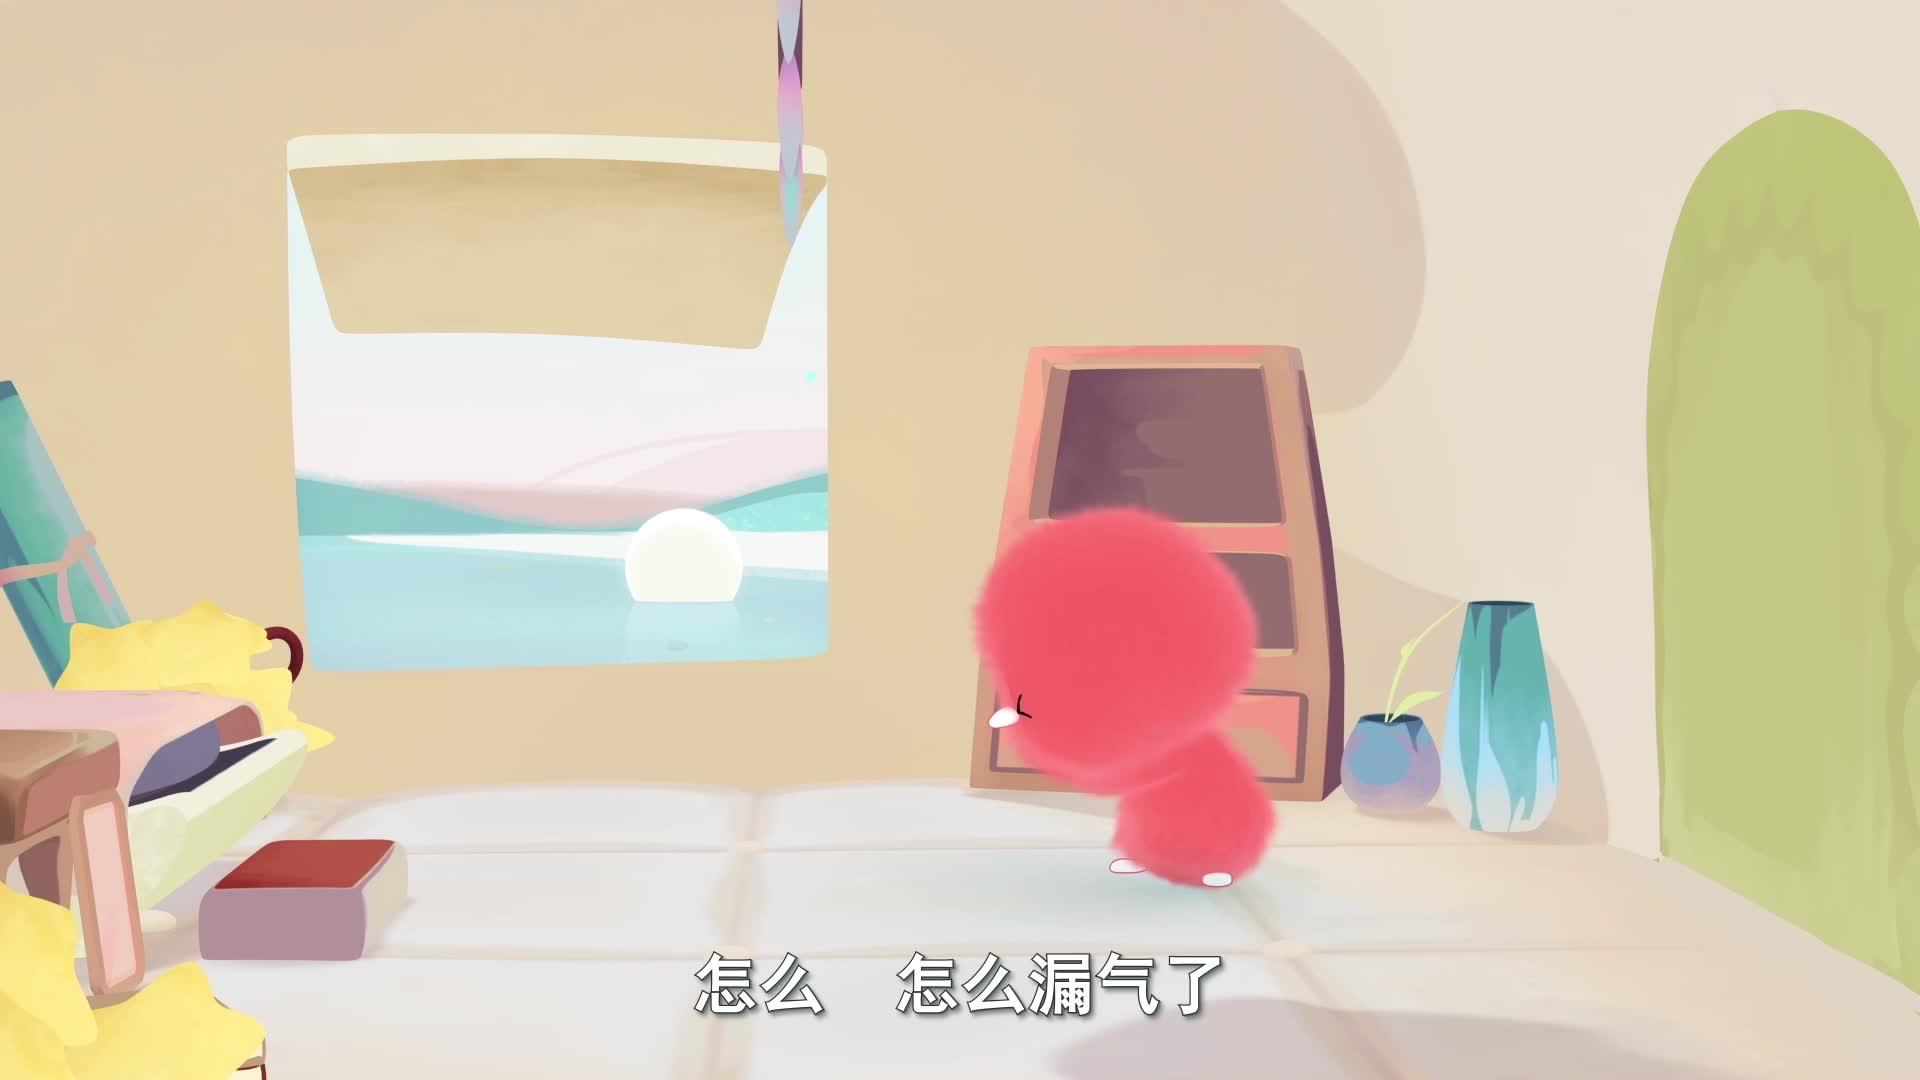 《小鸡彩虹》 第五季 10会打嗝的屁股